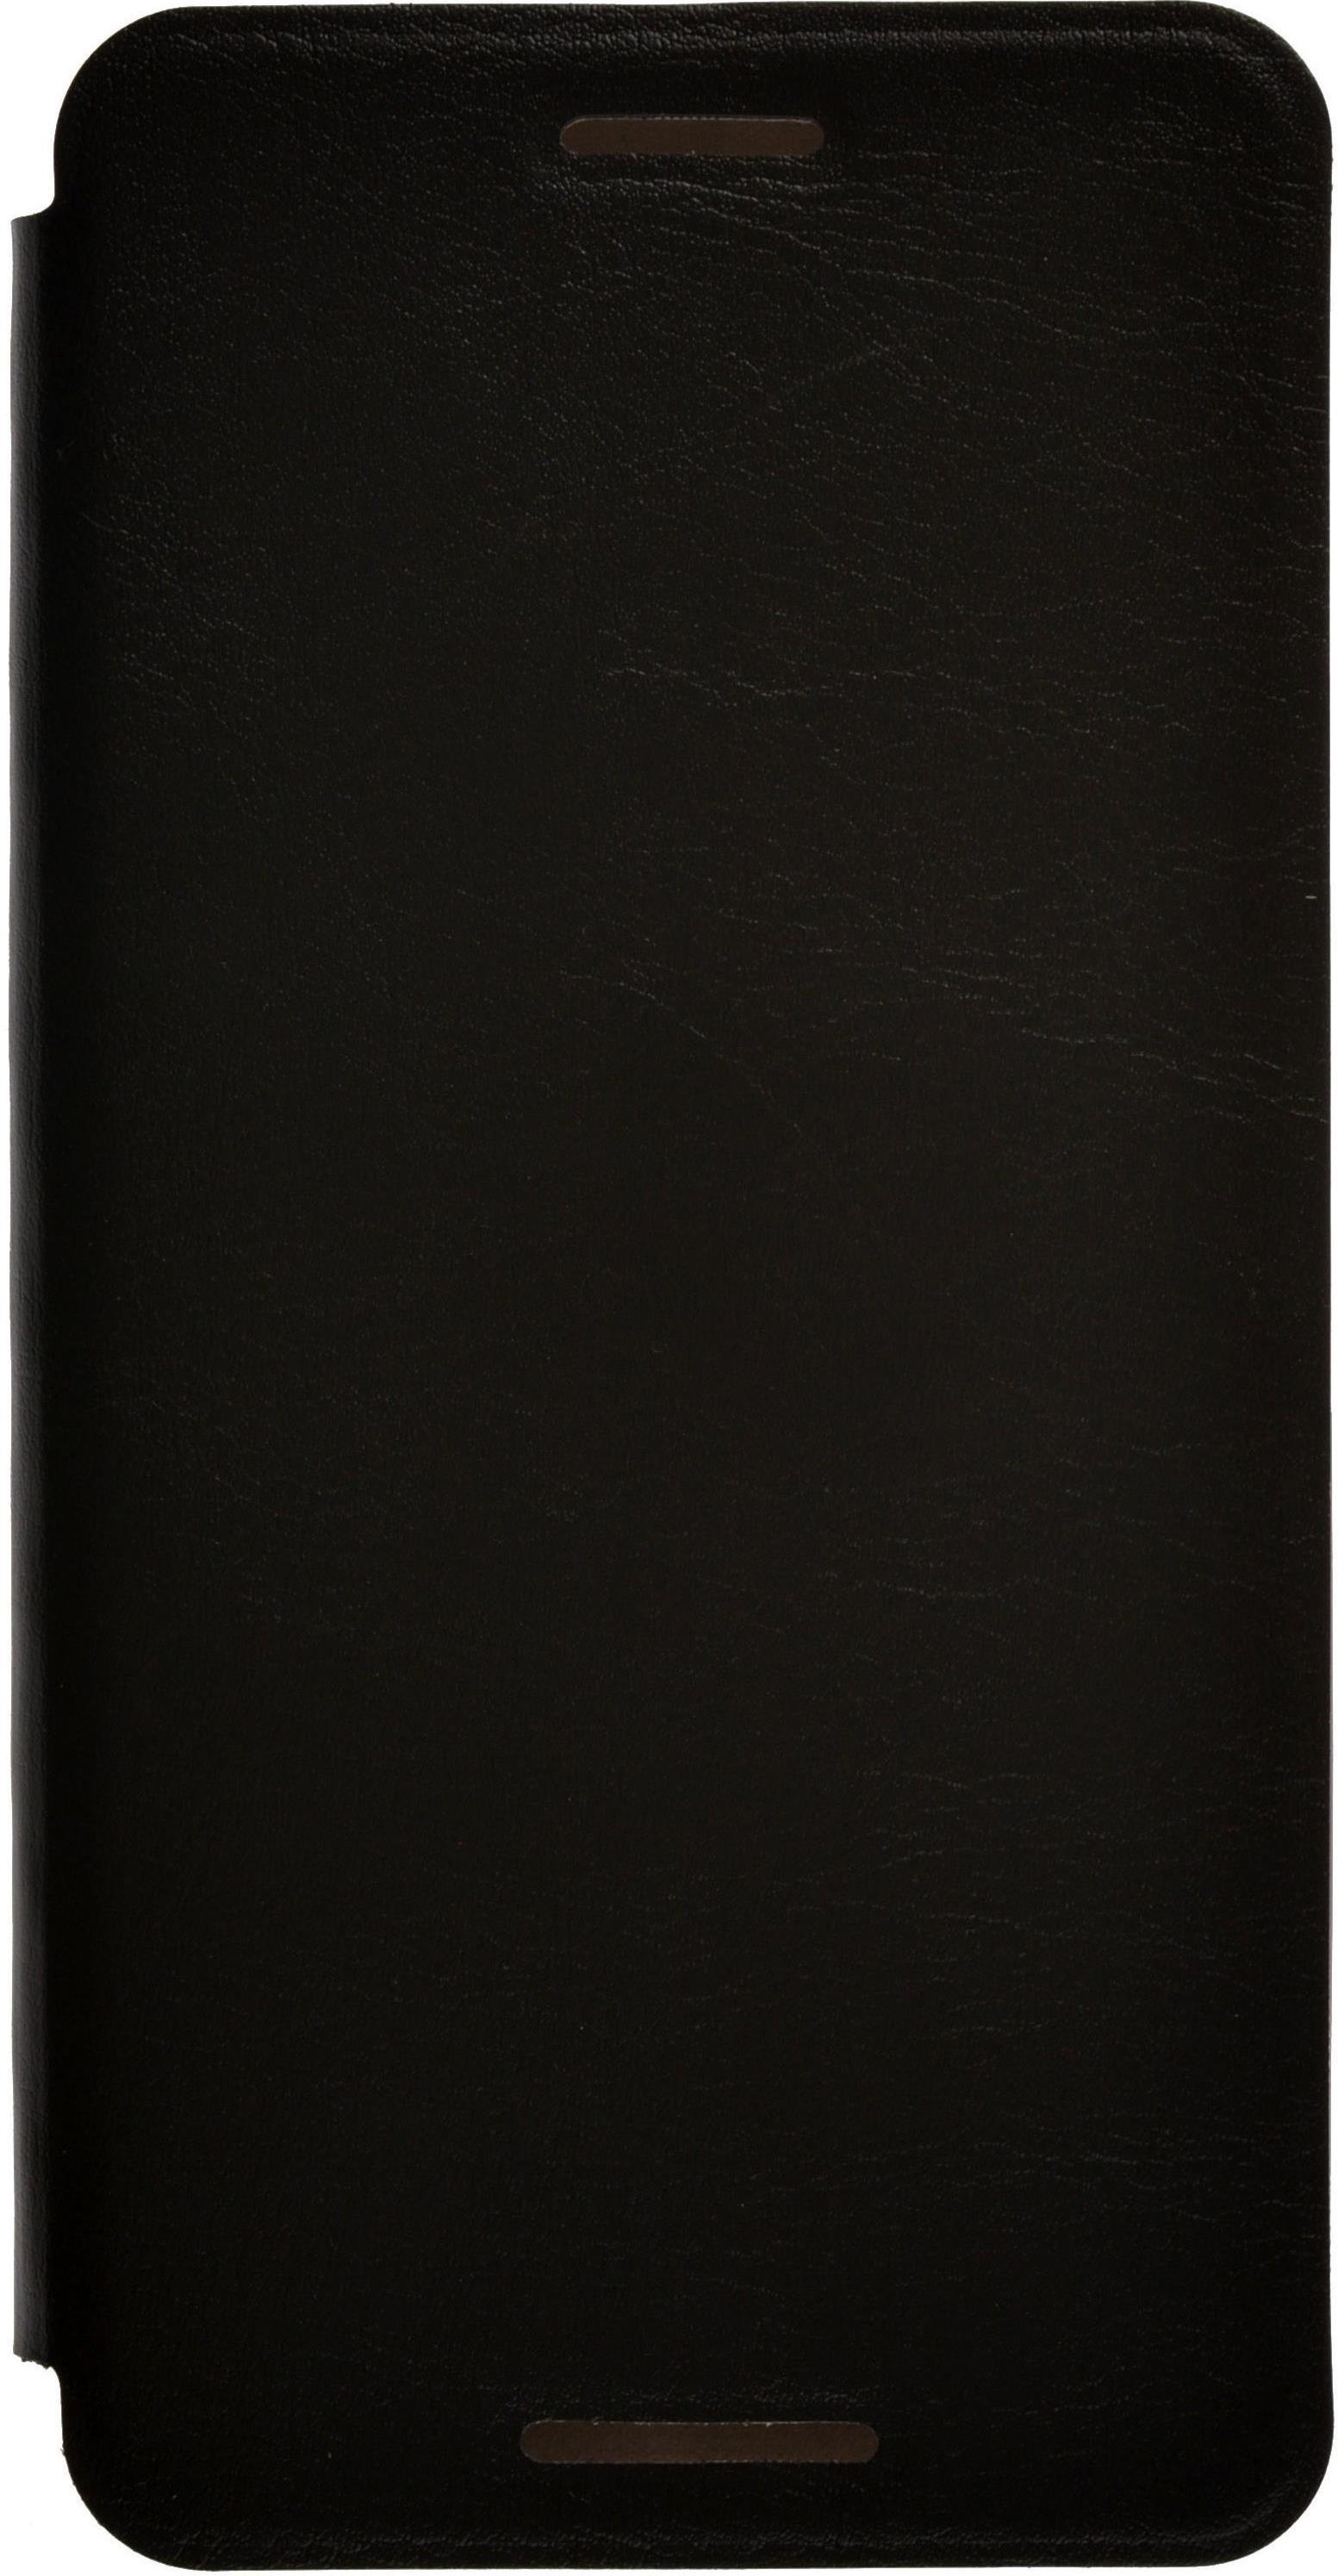 Чехол для сотового телефона skinBOX Lux, 4630042527447, черный все цены